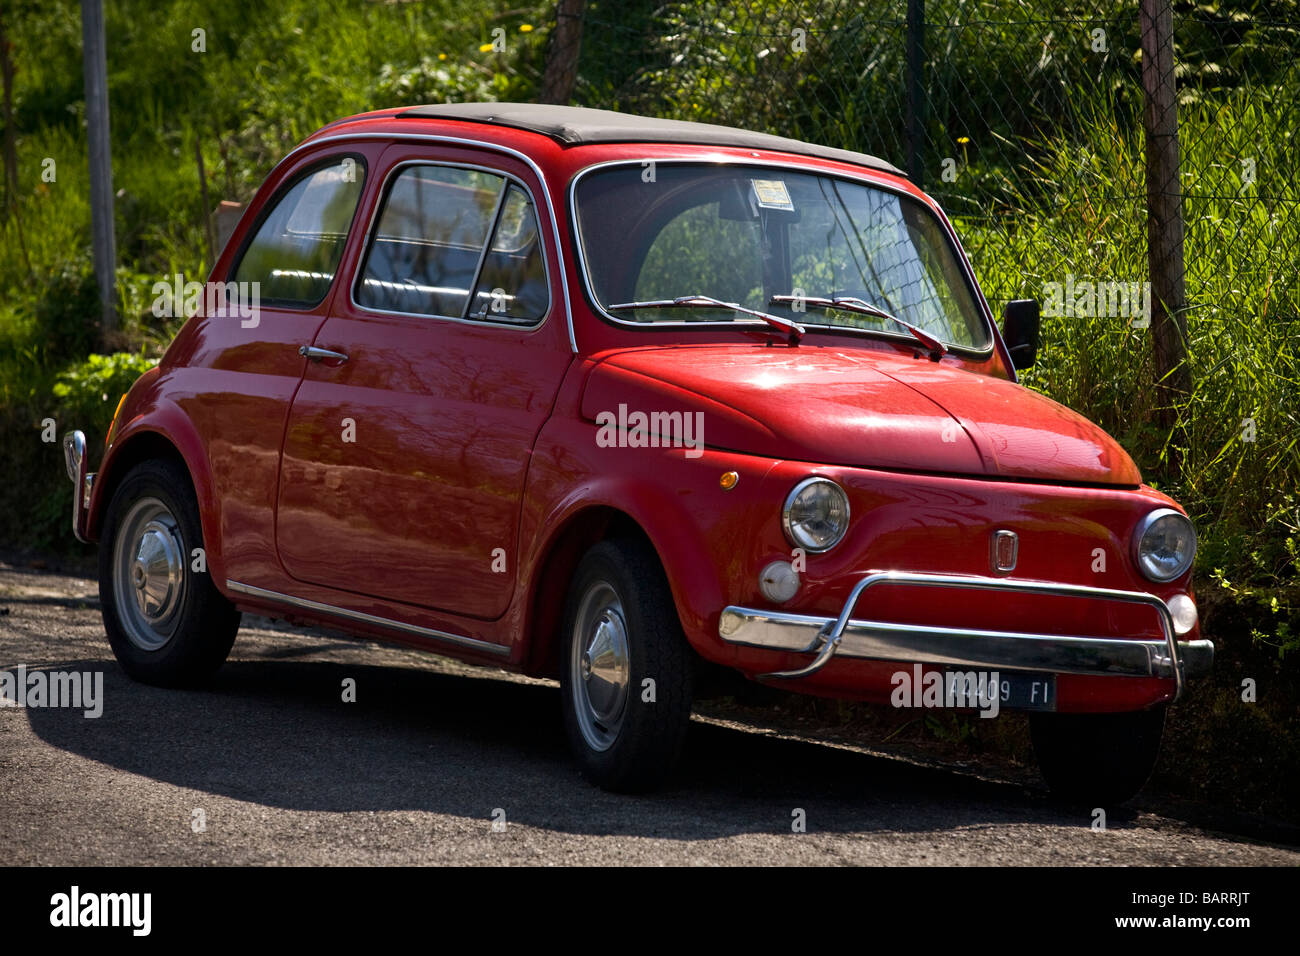 Eine rote original Fiat 500 (Toskana - Italien). FIAT 500-Weine Rouge (Toscane - Italie). Stockfoto